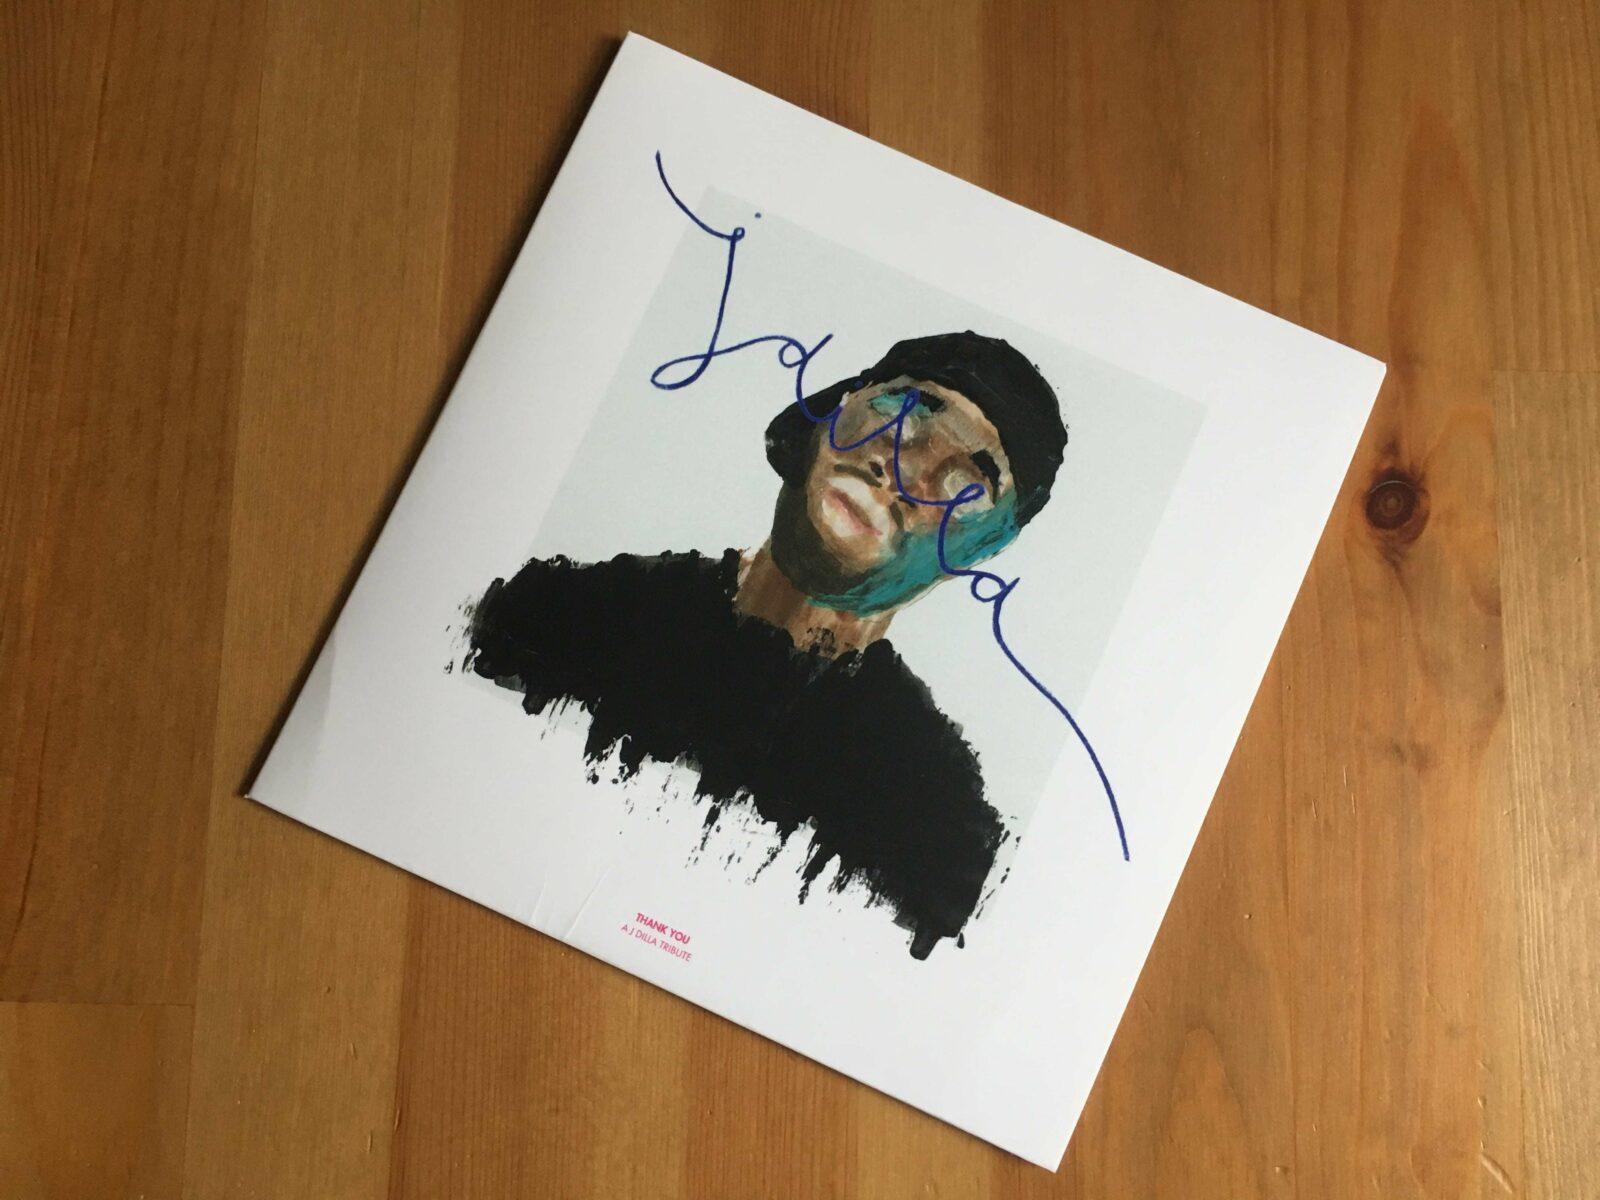 jusouL - February (2017)